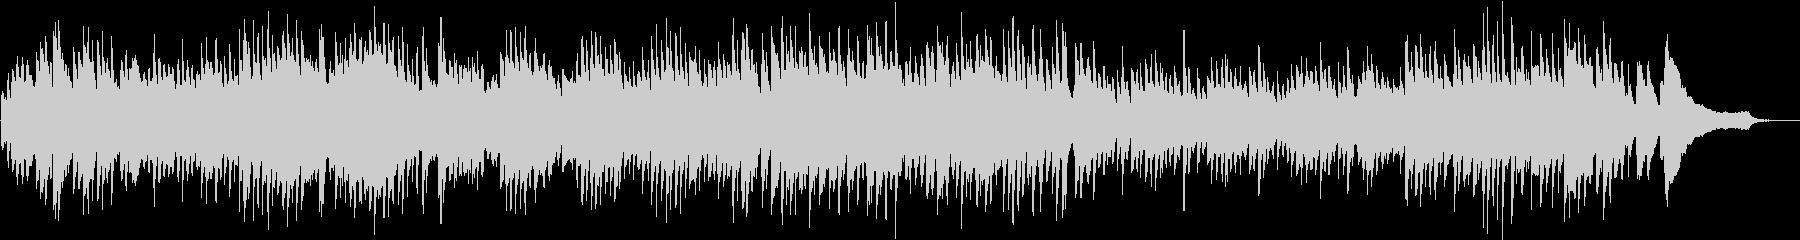 バッハインベンションの最初の曲の未再生の波形